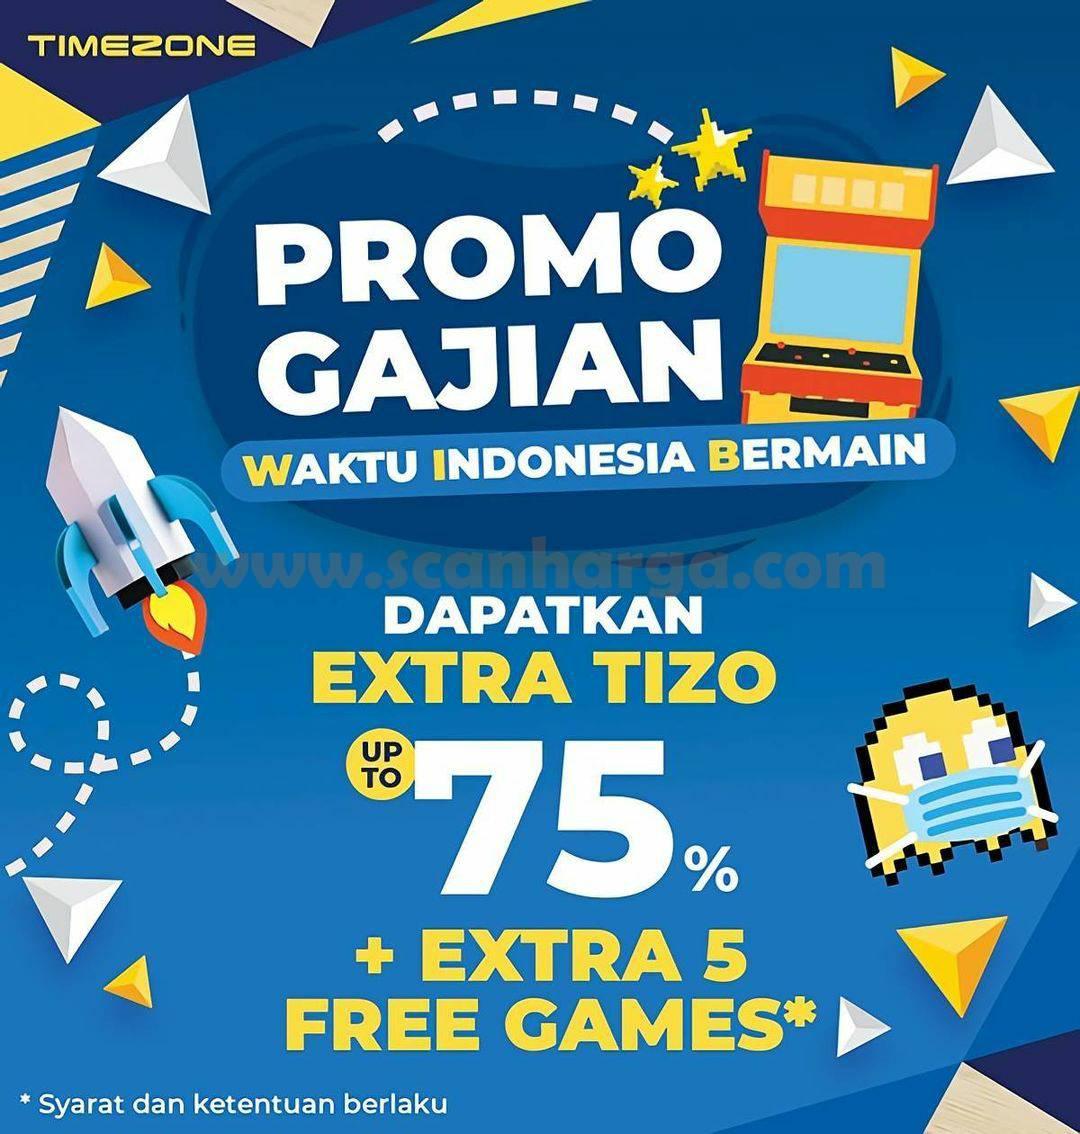 Promo Timezone GAJIAN Periode 25 - 31 Agustus 2021